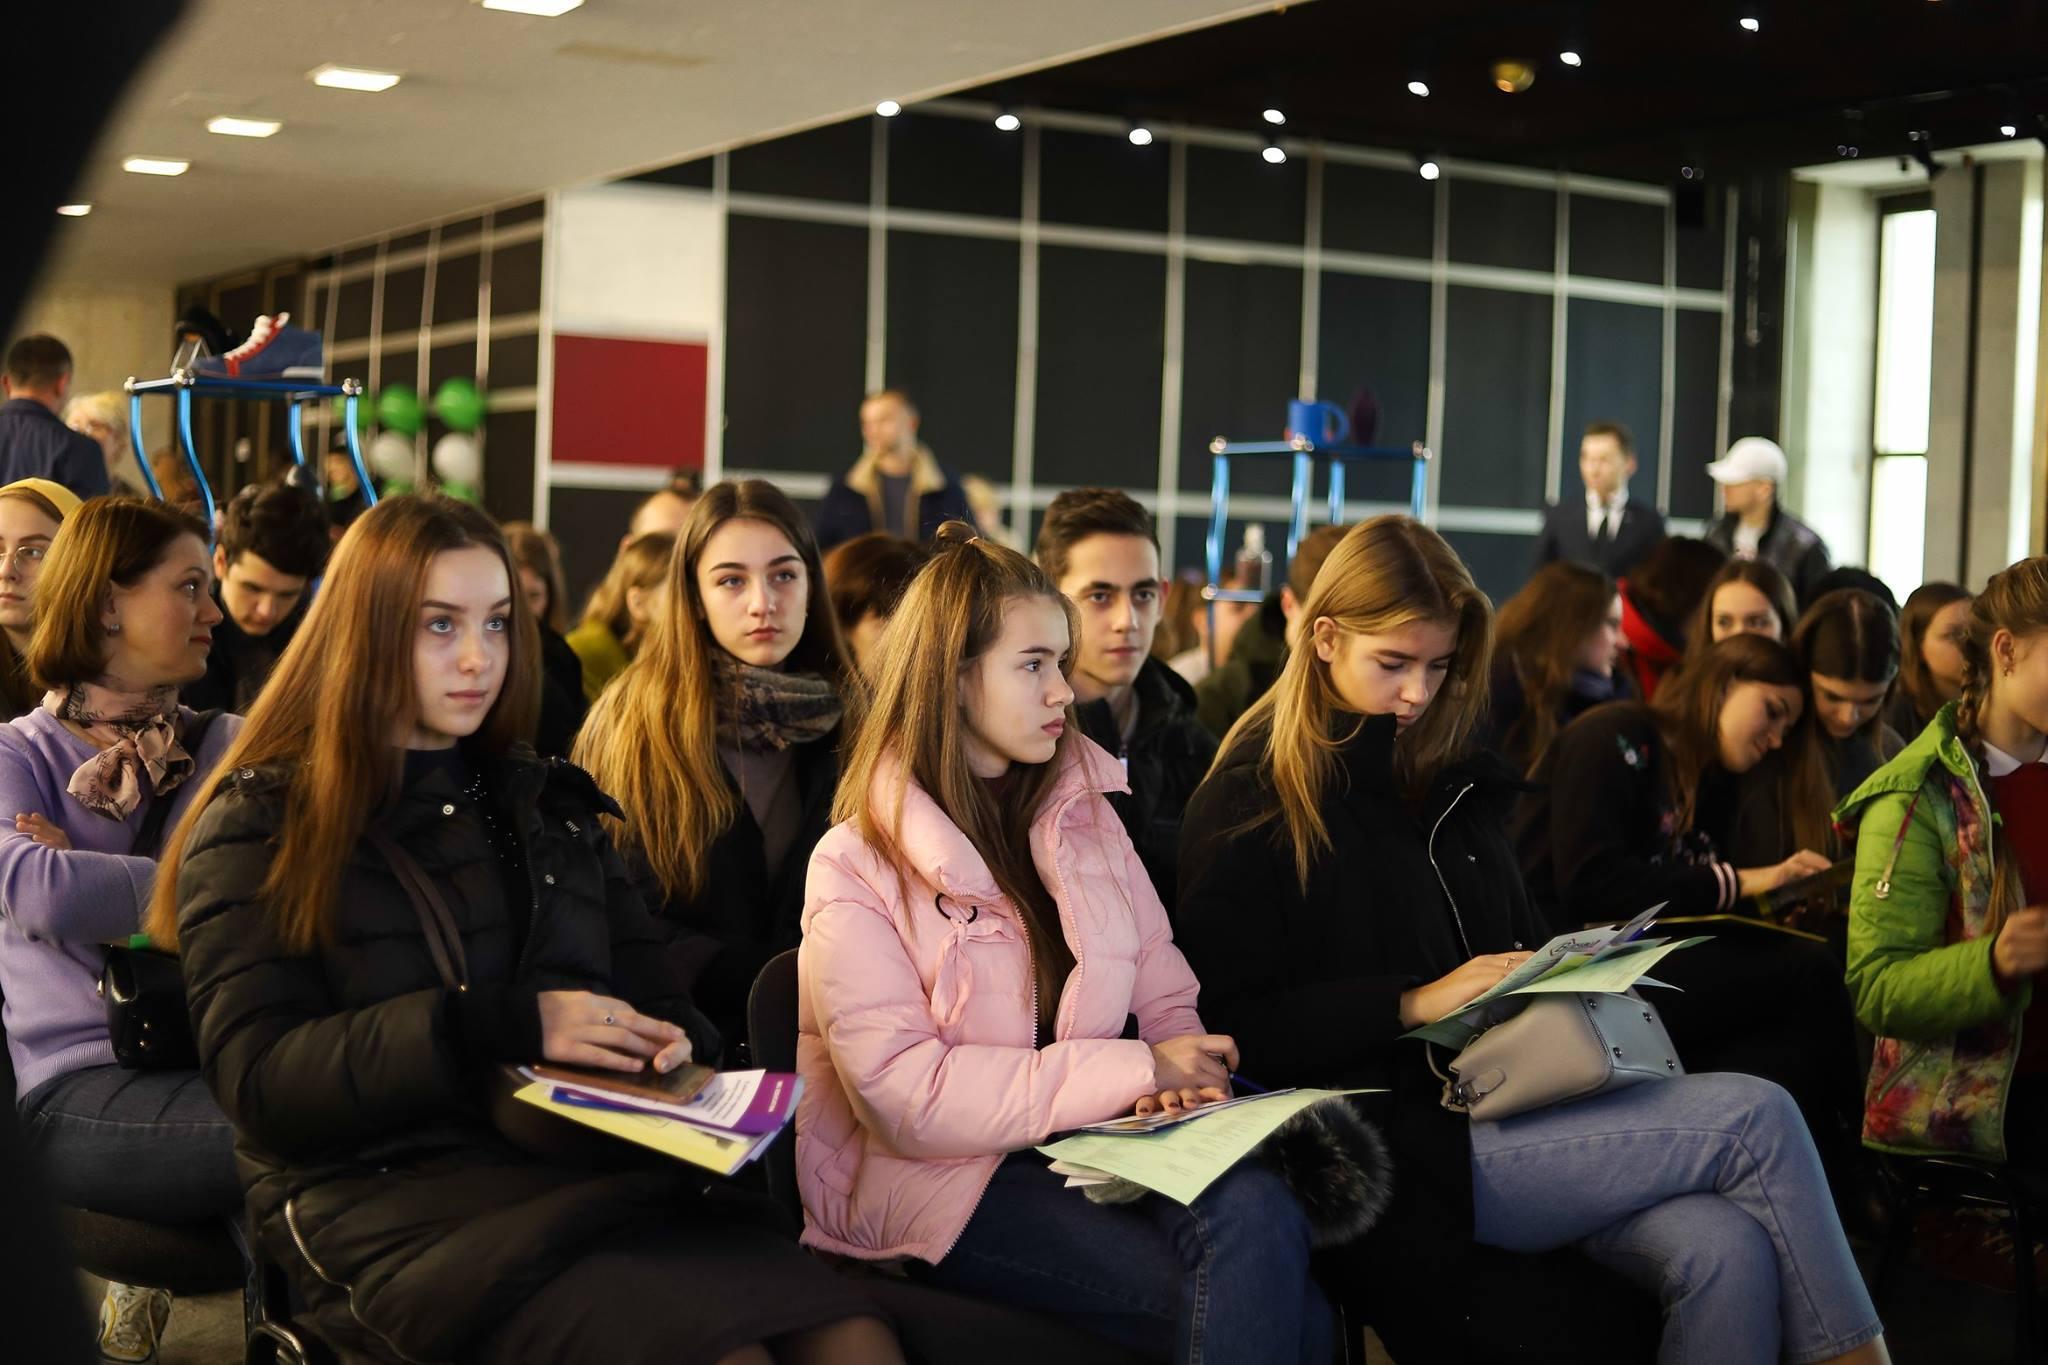 Університет став учасником конференції «Моя майбутня професія»